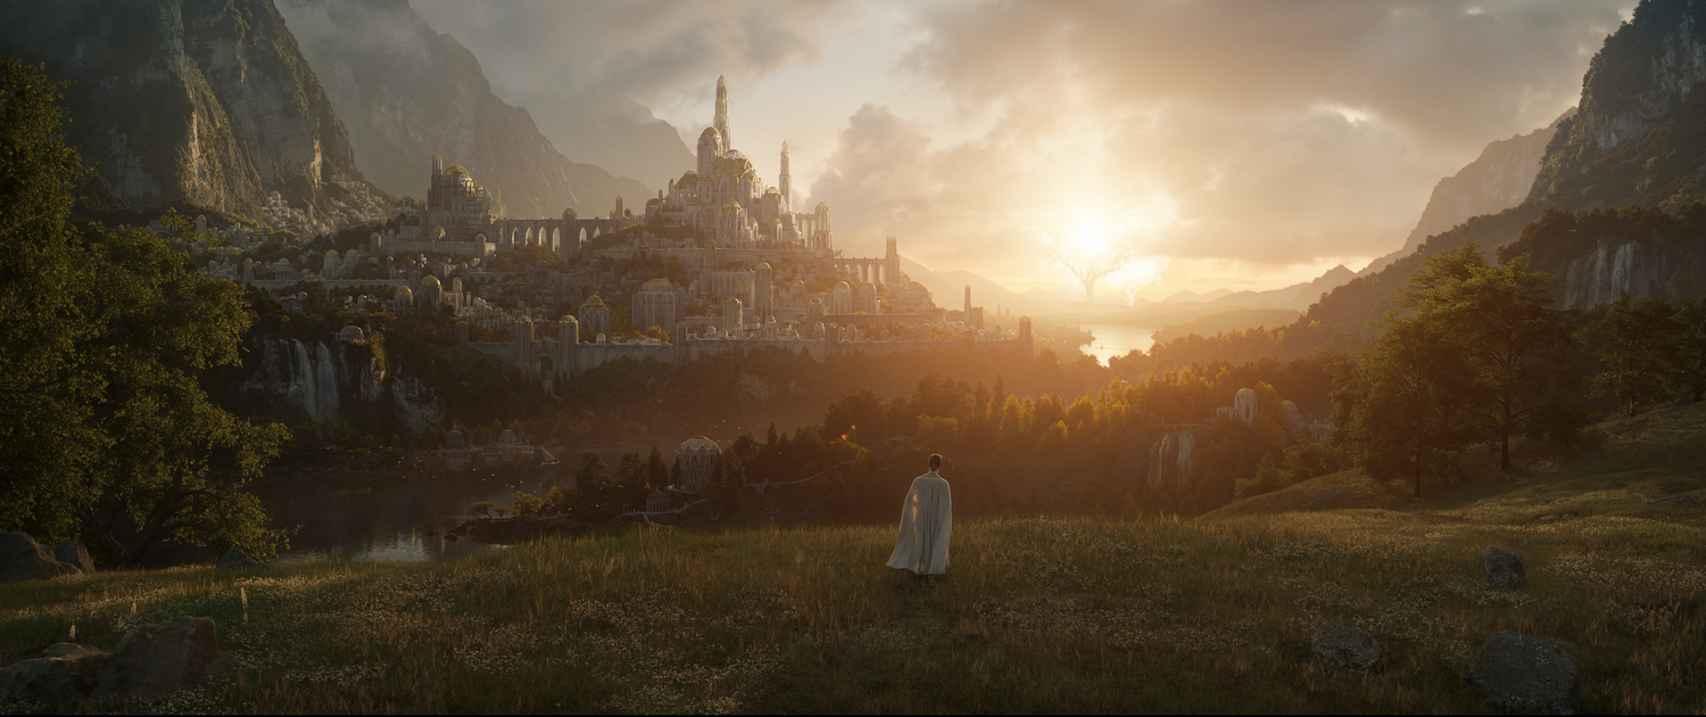 Amazon enseña la primera imagen de la esperadísima serie de 'El señor de los anillos'.